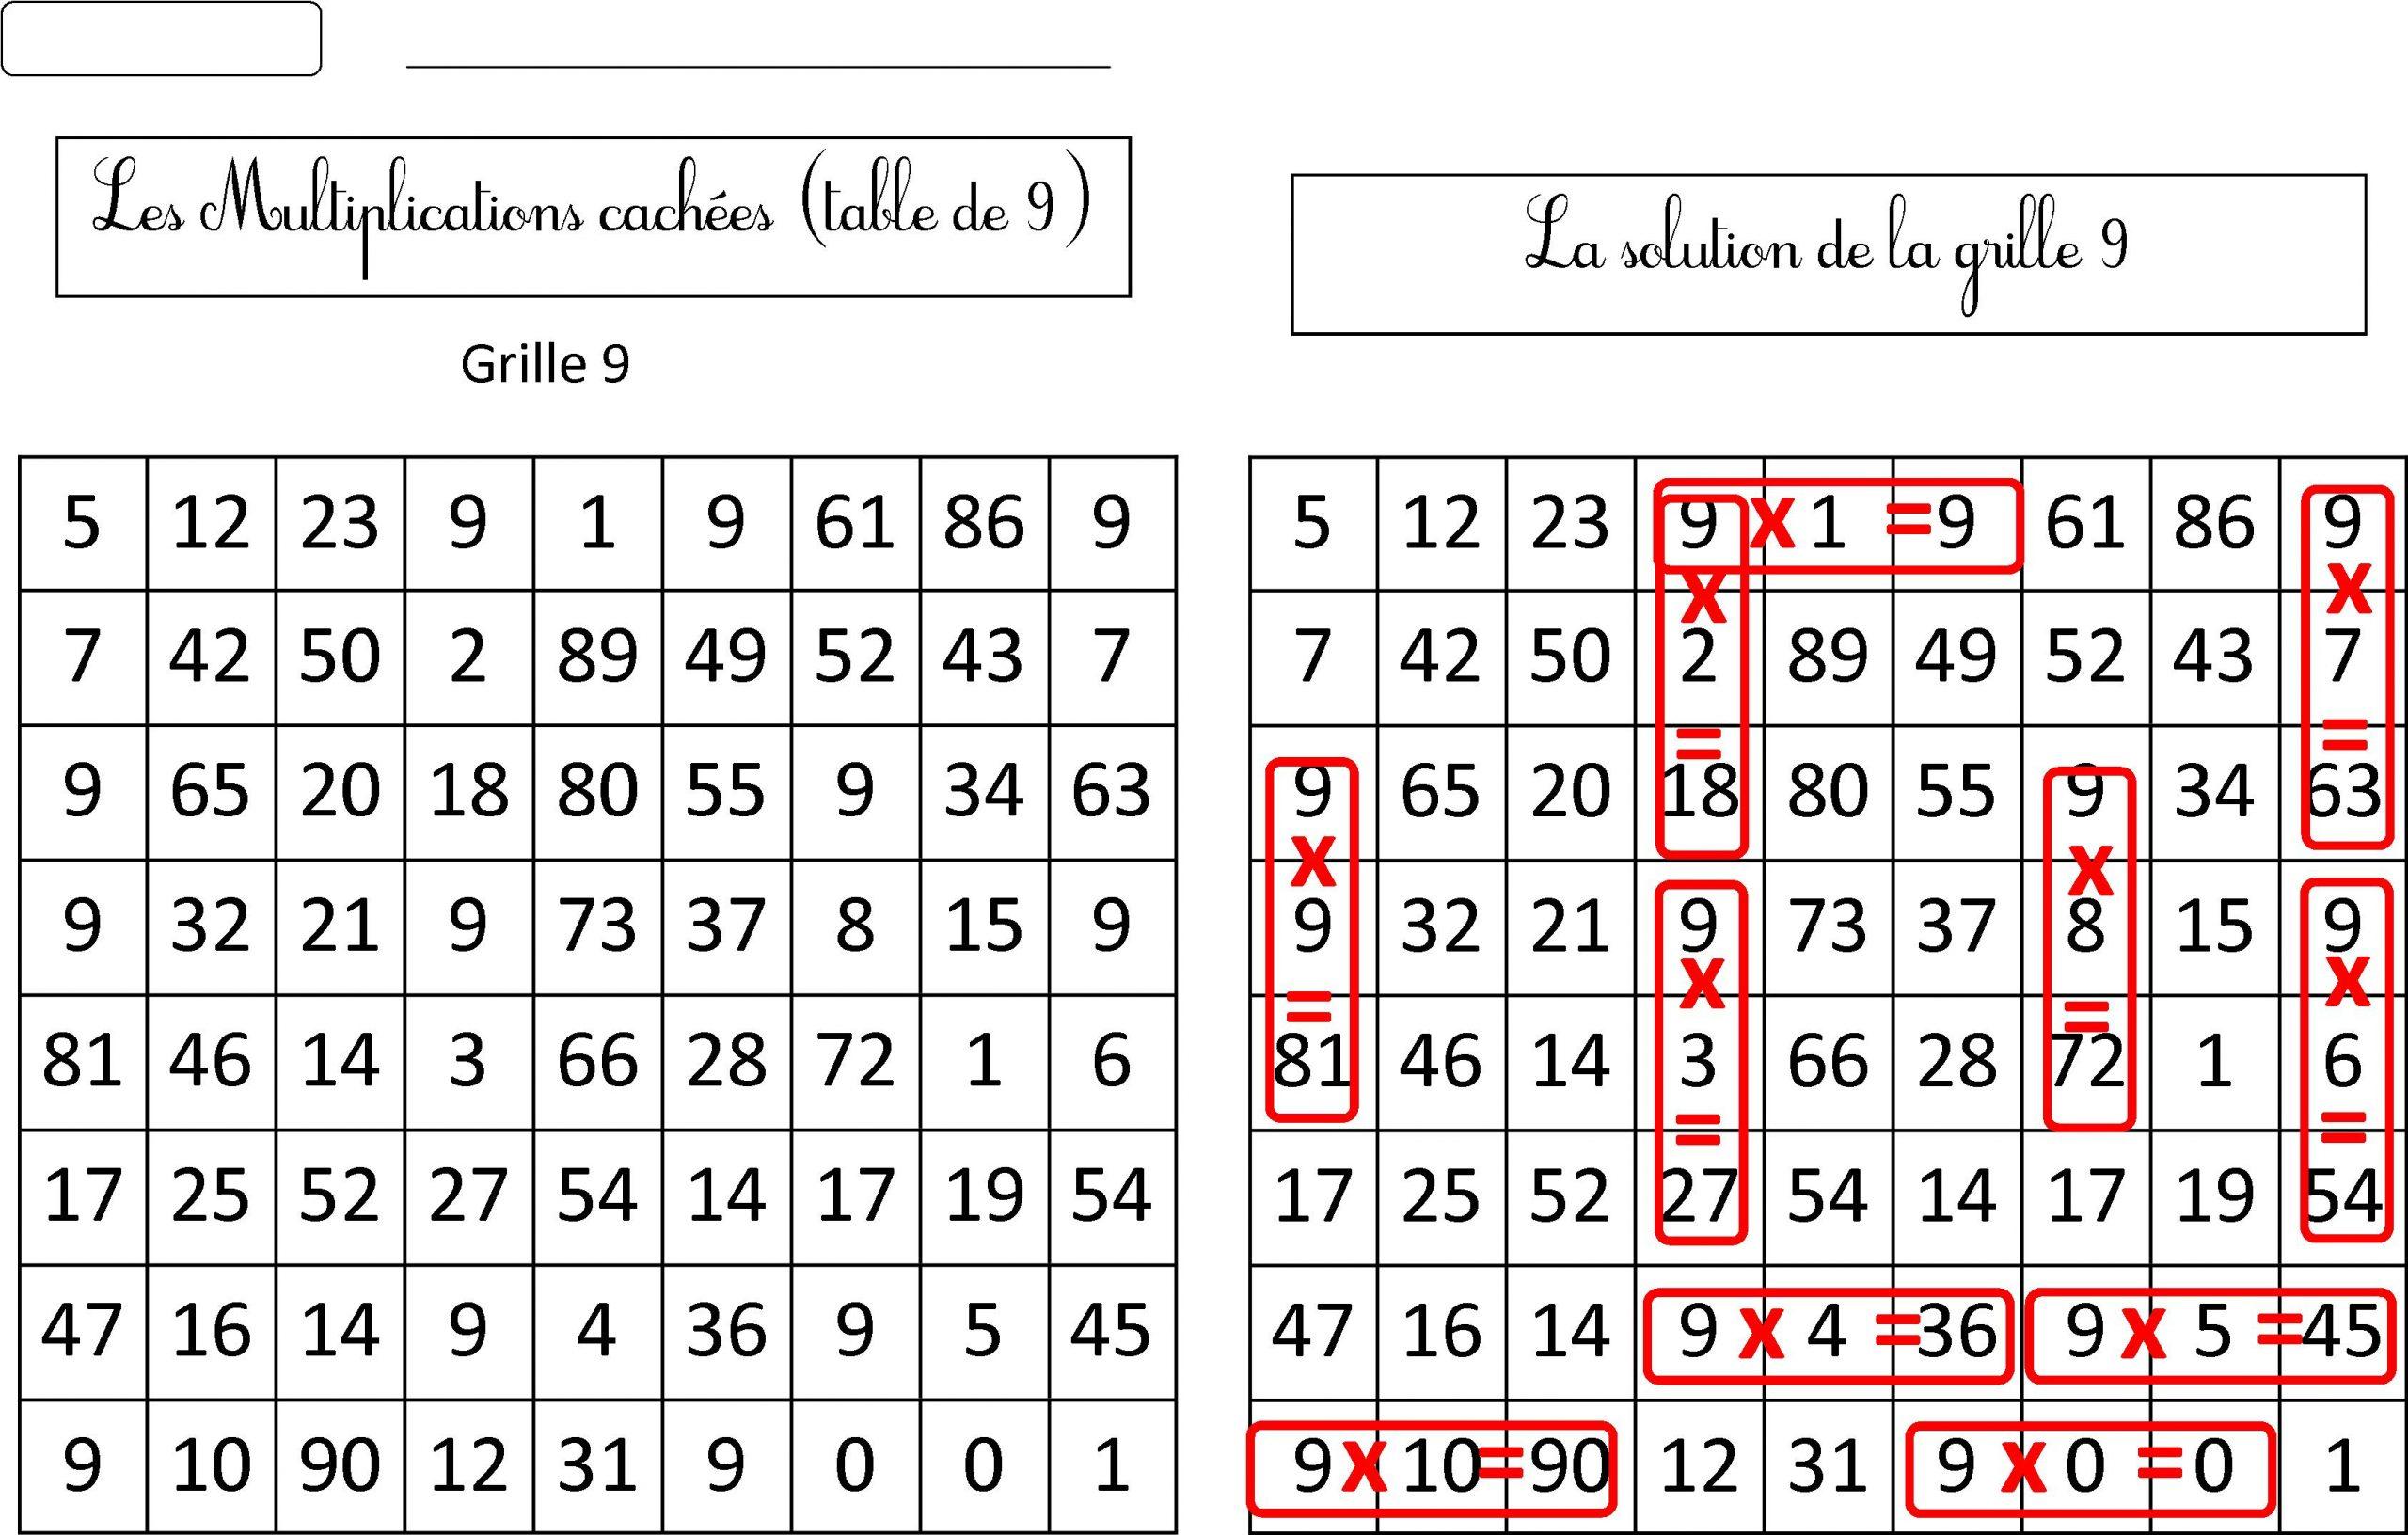 Nouvelles Grilles Multiplications Cachées Tables 6 7 8 9 avec Mots Mélés Imprimer Pdf